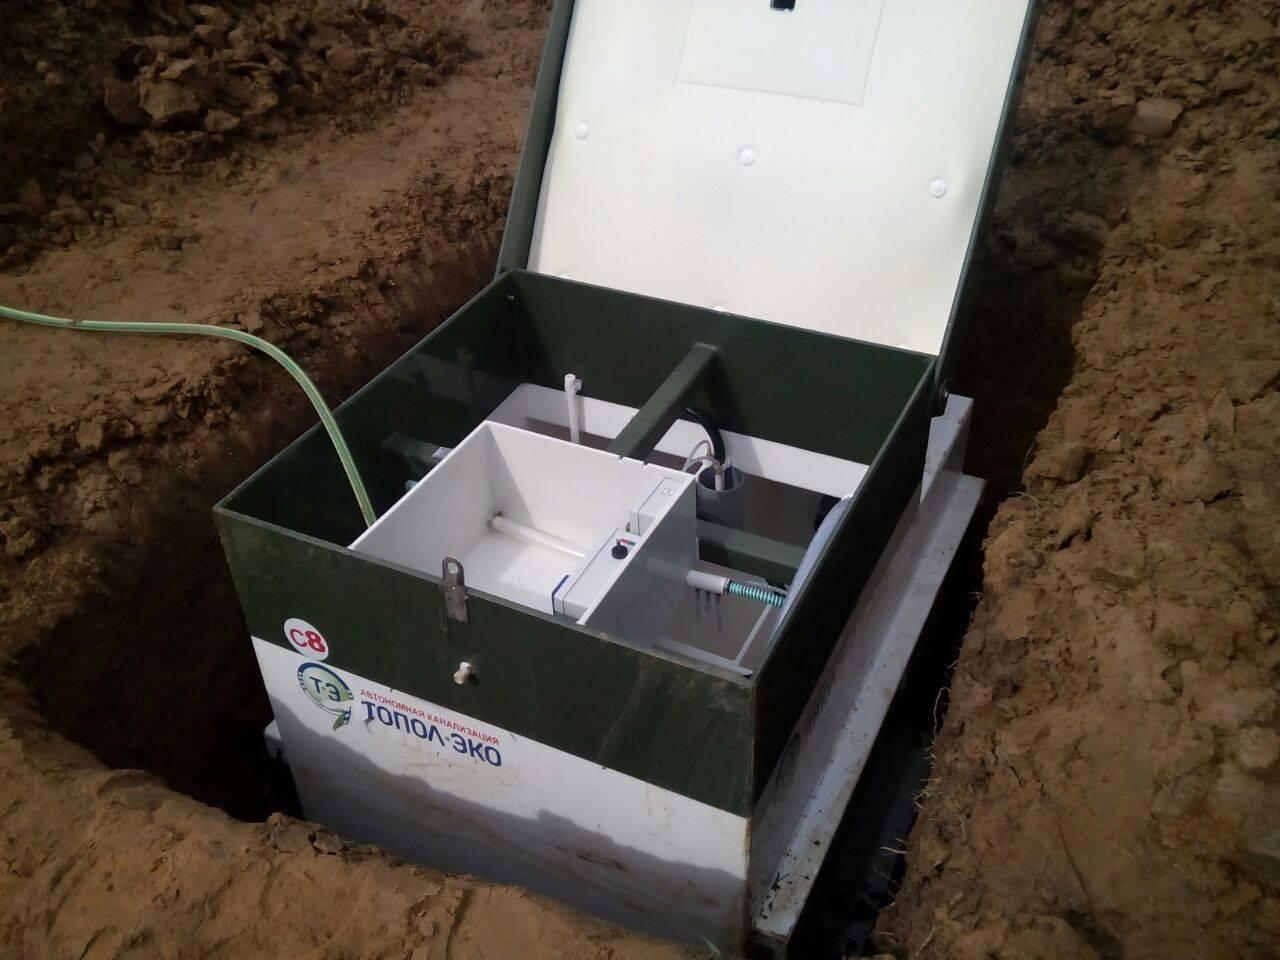 Выбираем лучшее средство для выгребных ям и септиков: астра, топас, танк, отзывы